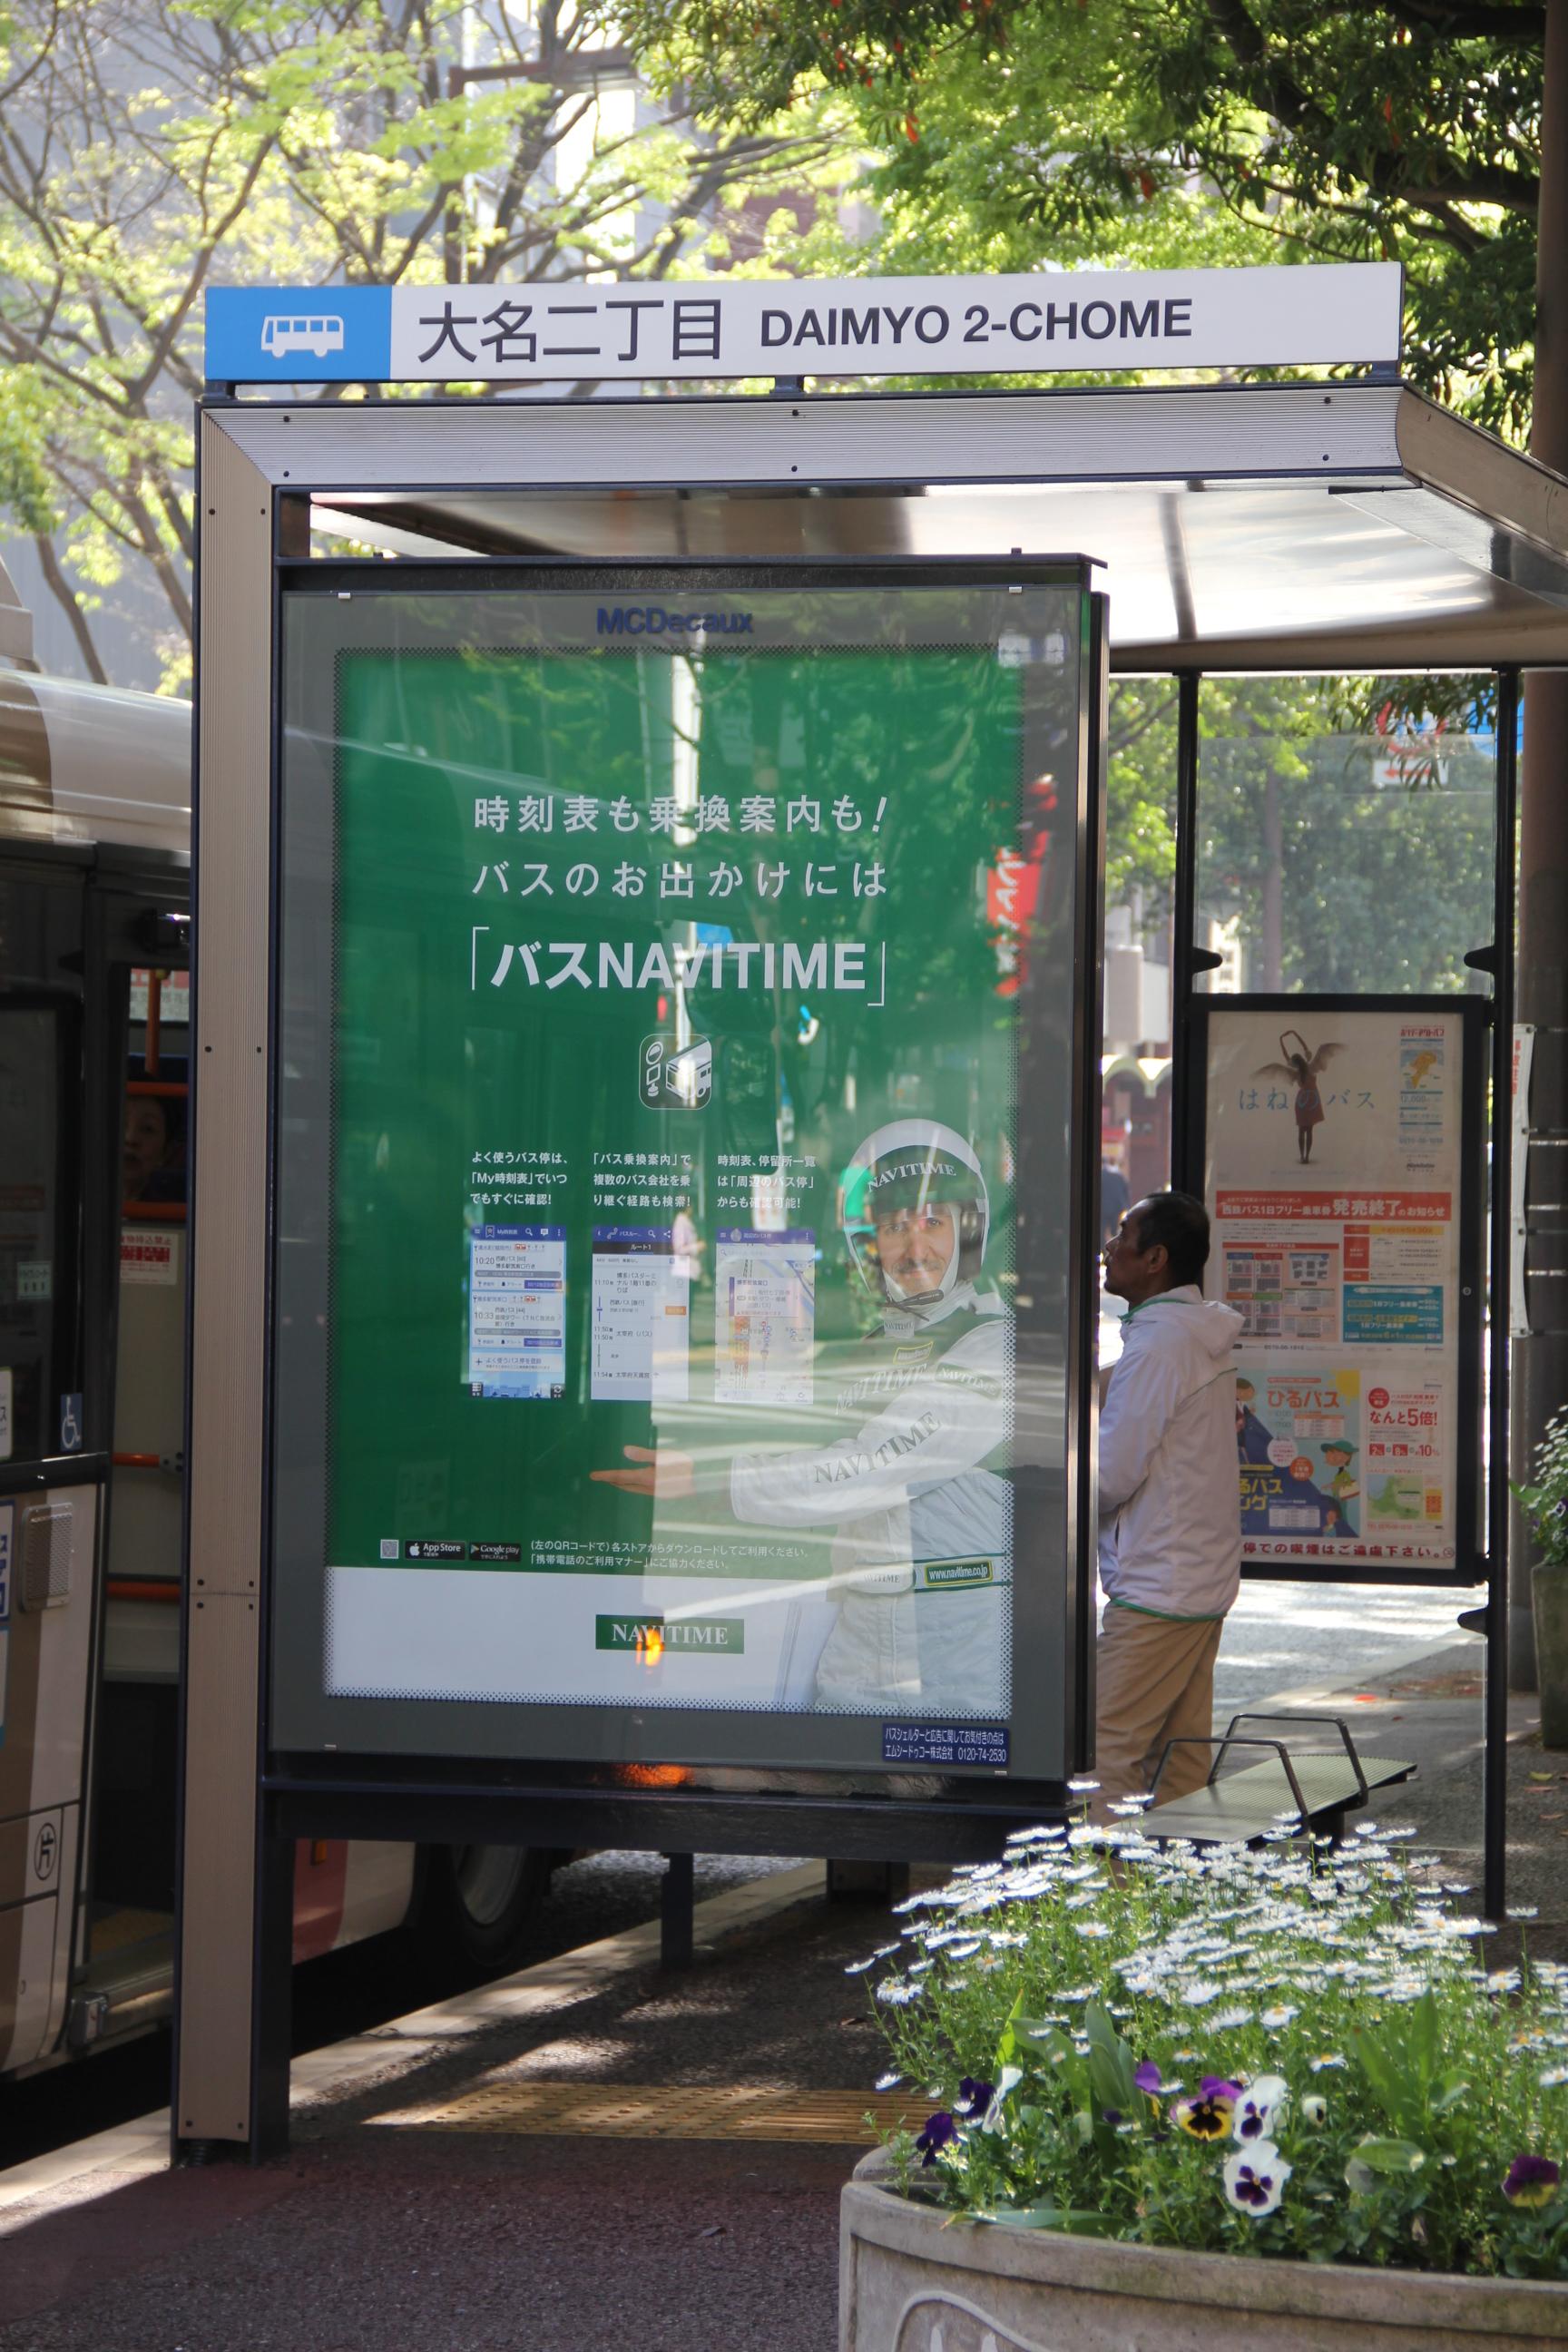 大宮2丁目バス停(北側-3)